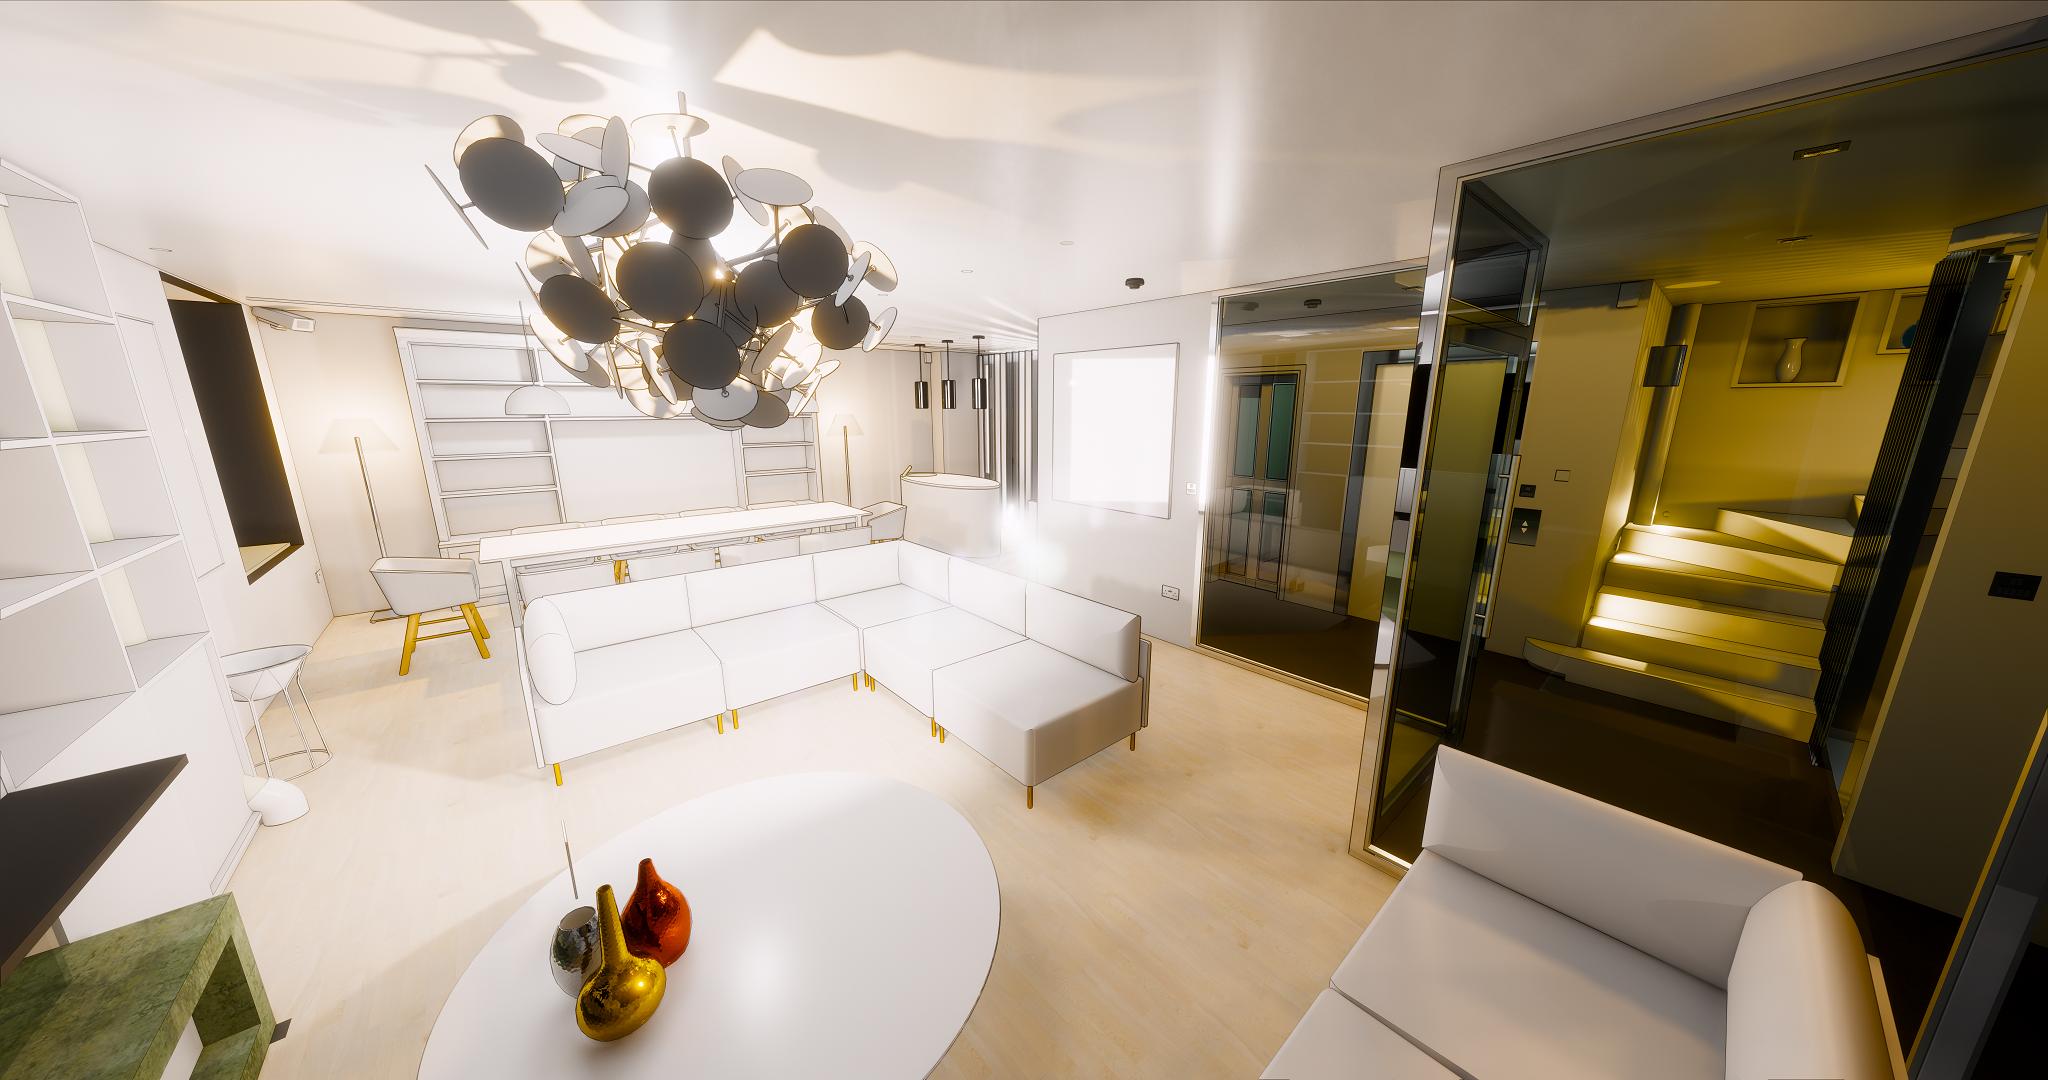 Recent 3D Renders - Clarendon Lights